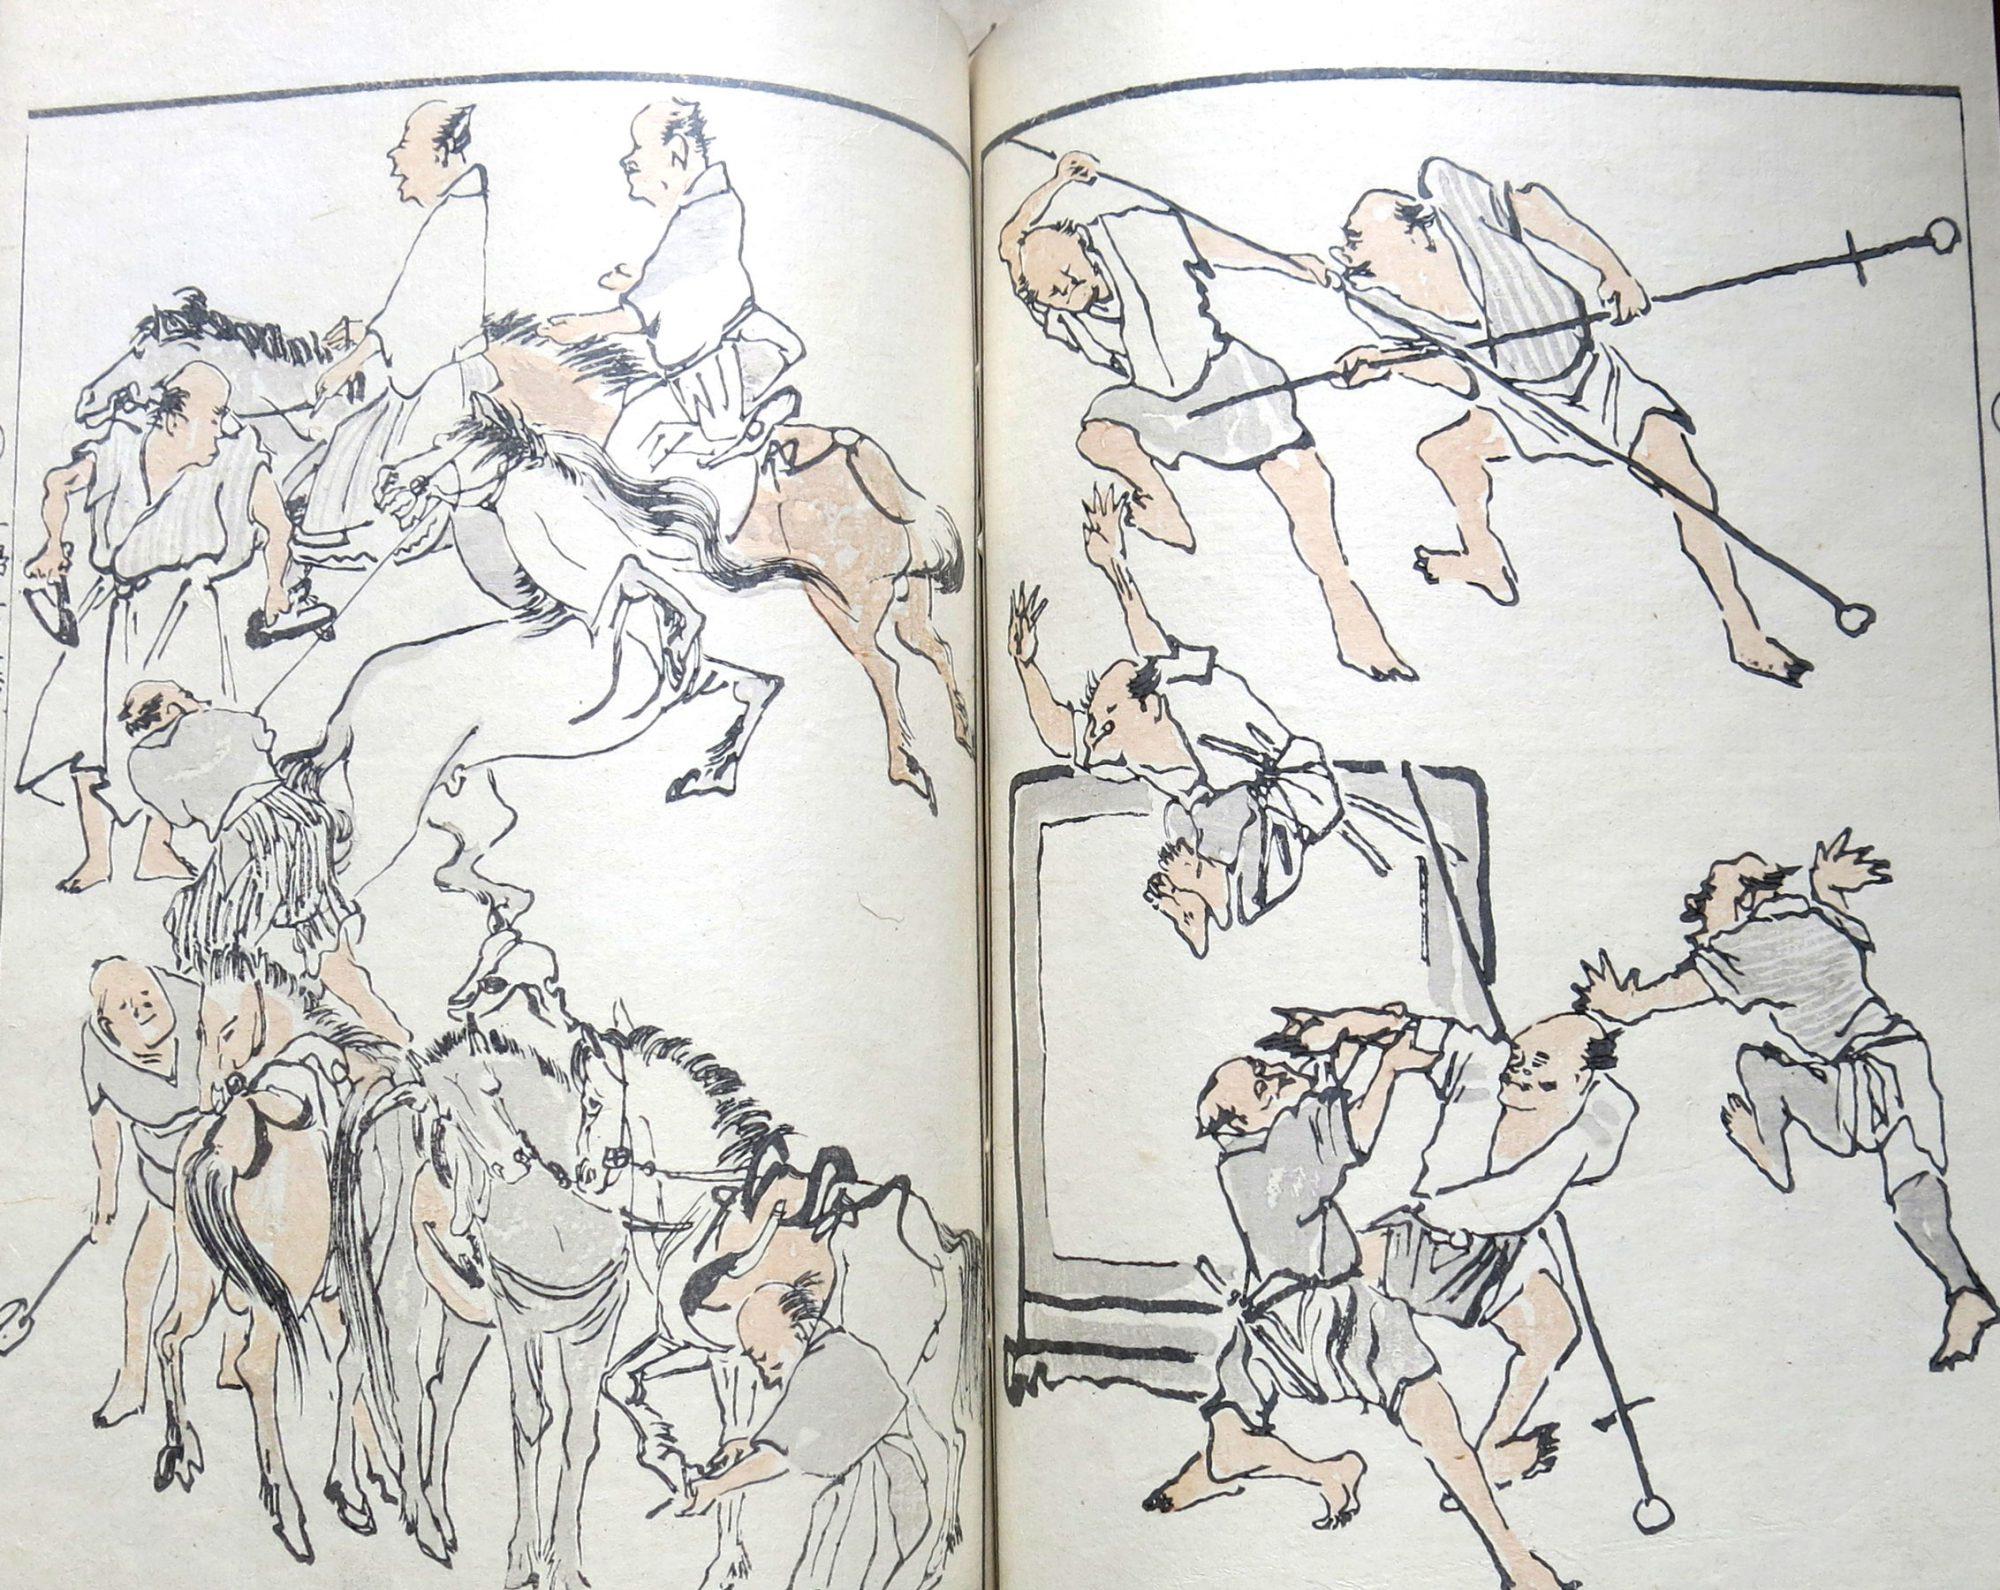 一掃百態 Isso Hyakutai [Cent figures en un coup de pinceau. A Hundred Features in One Sweep]